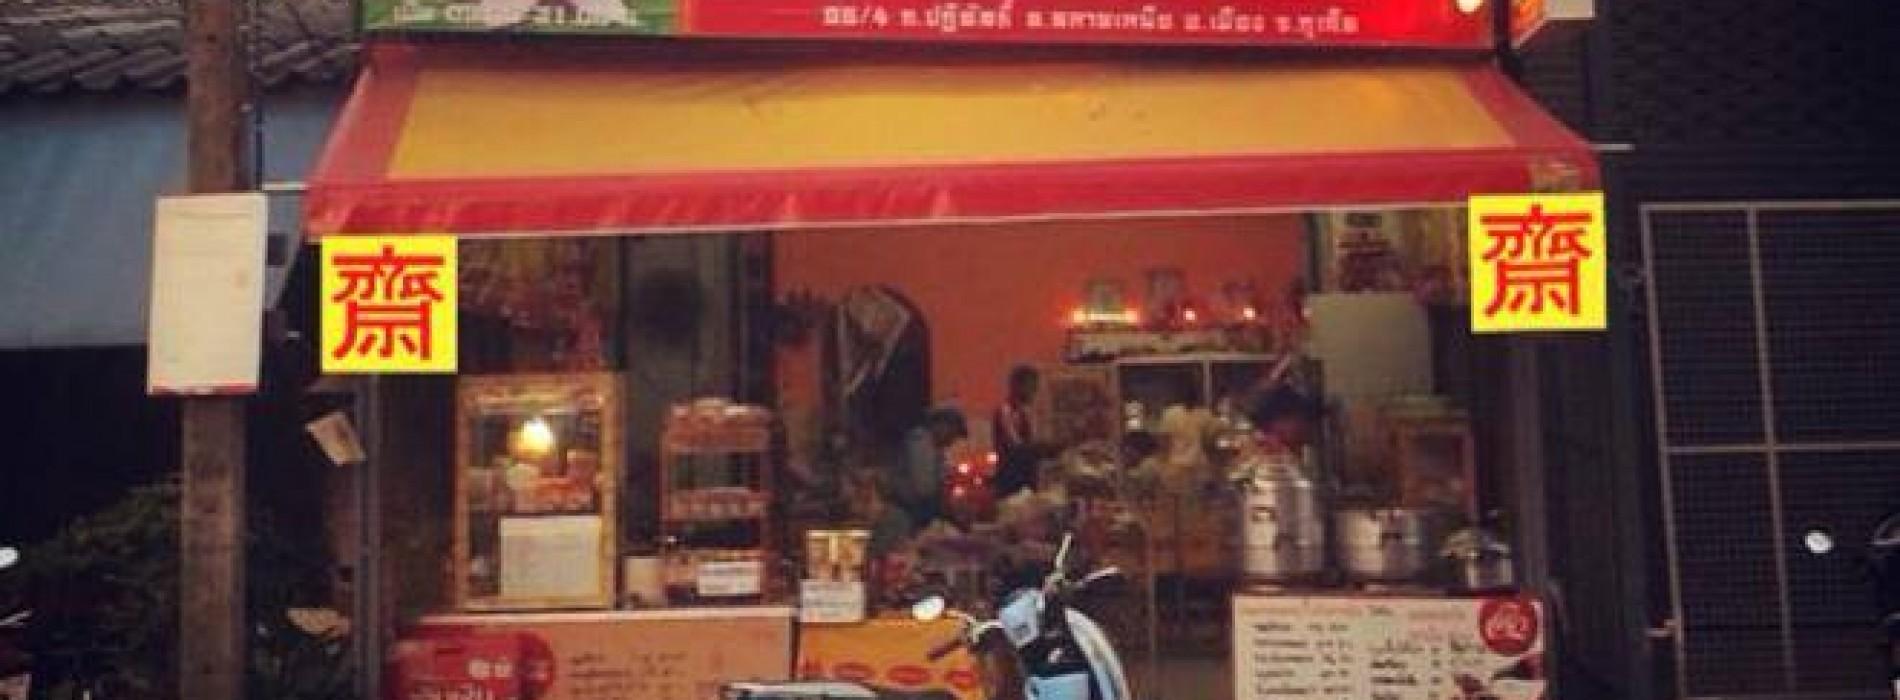 ร้านอาหารเจ ผิงอัน อาหารเจเพื่อสุขภาพ จังหวัดภูเก็ต